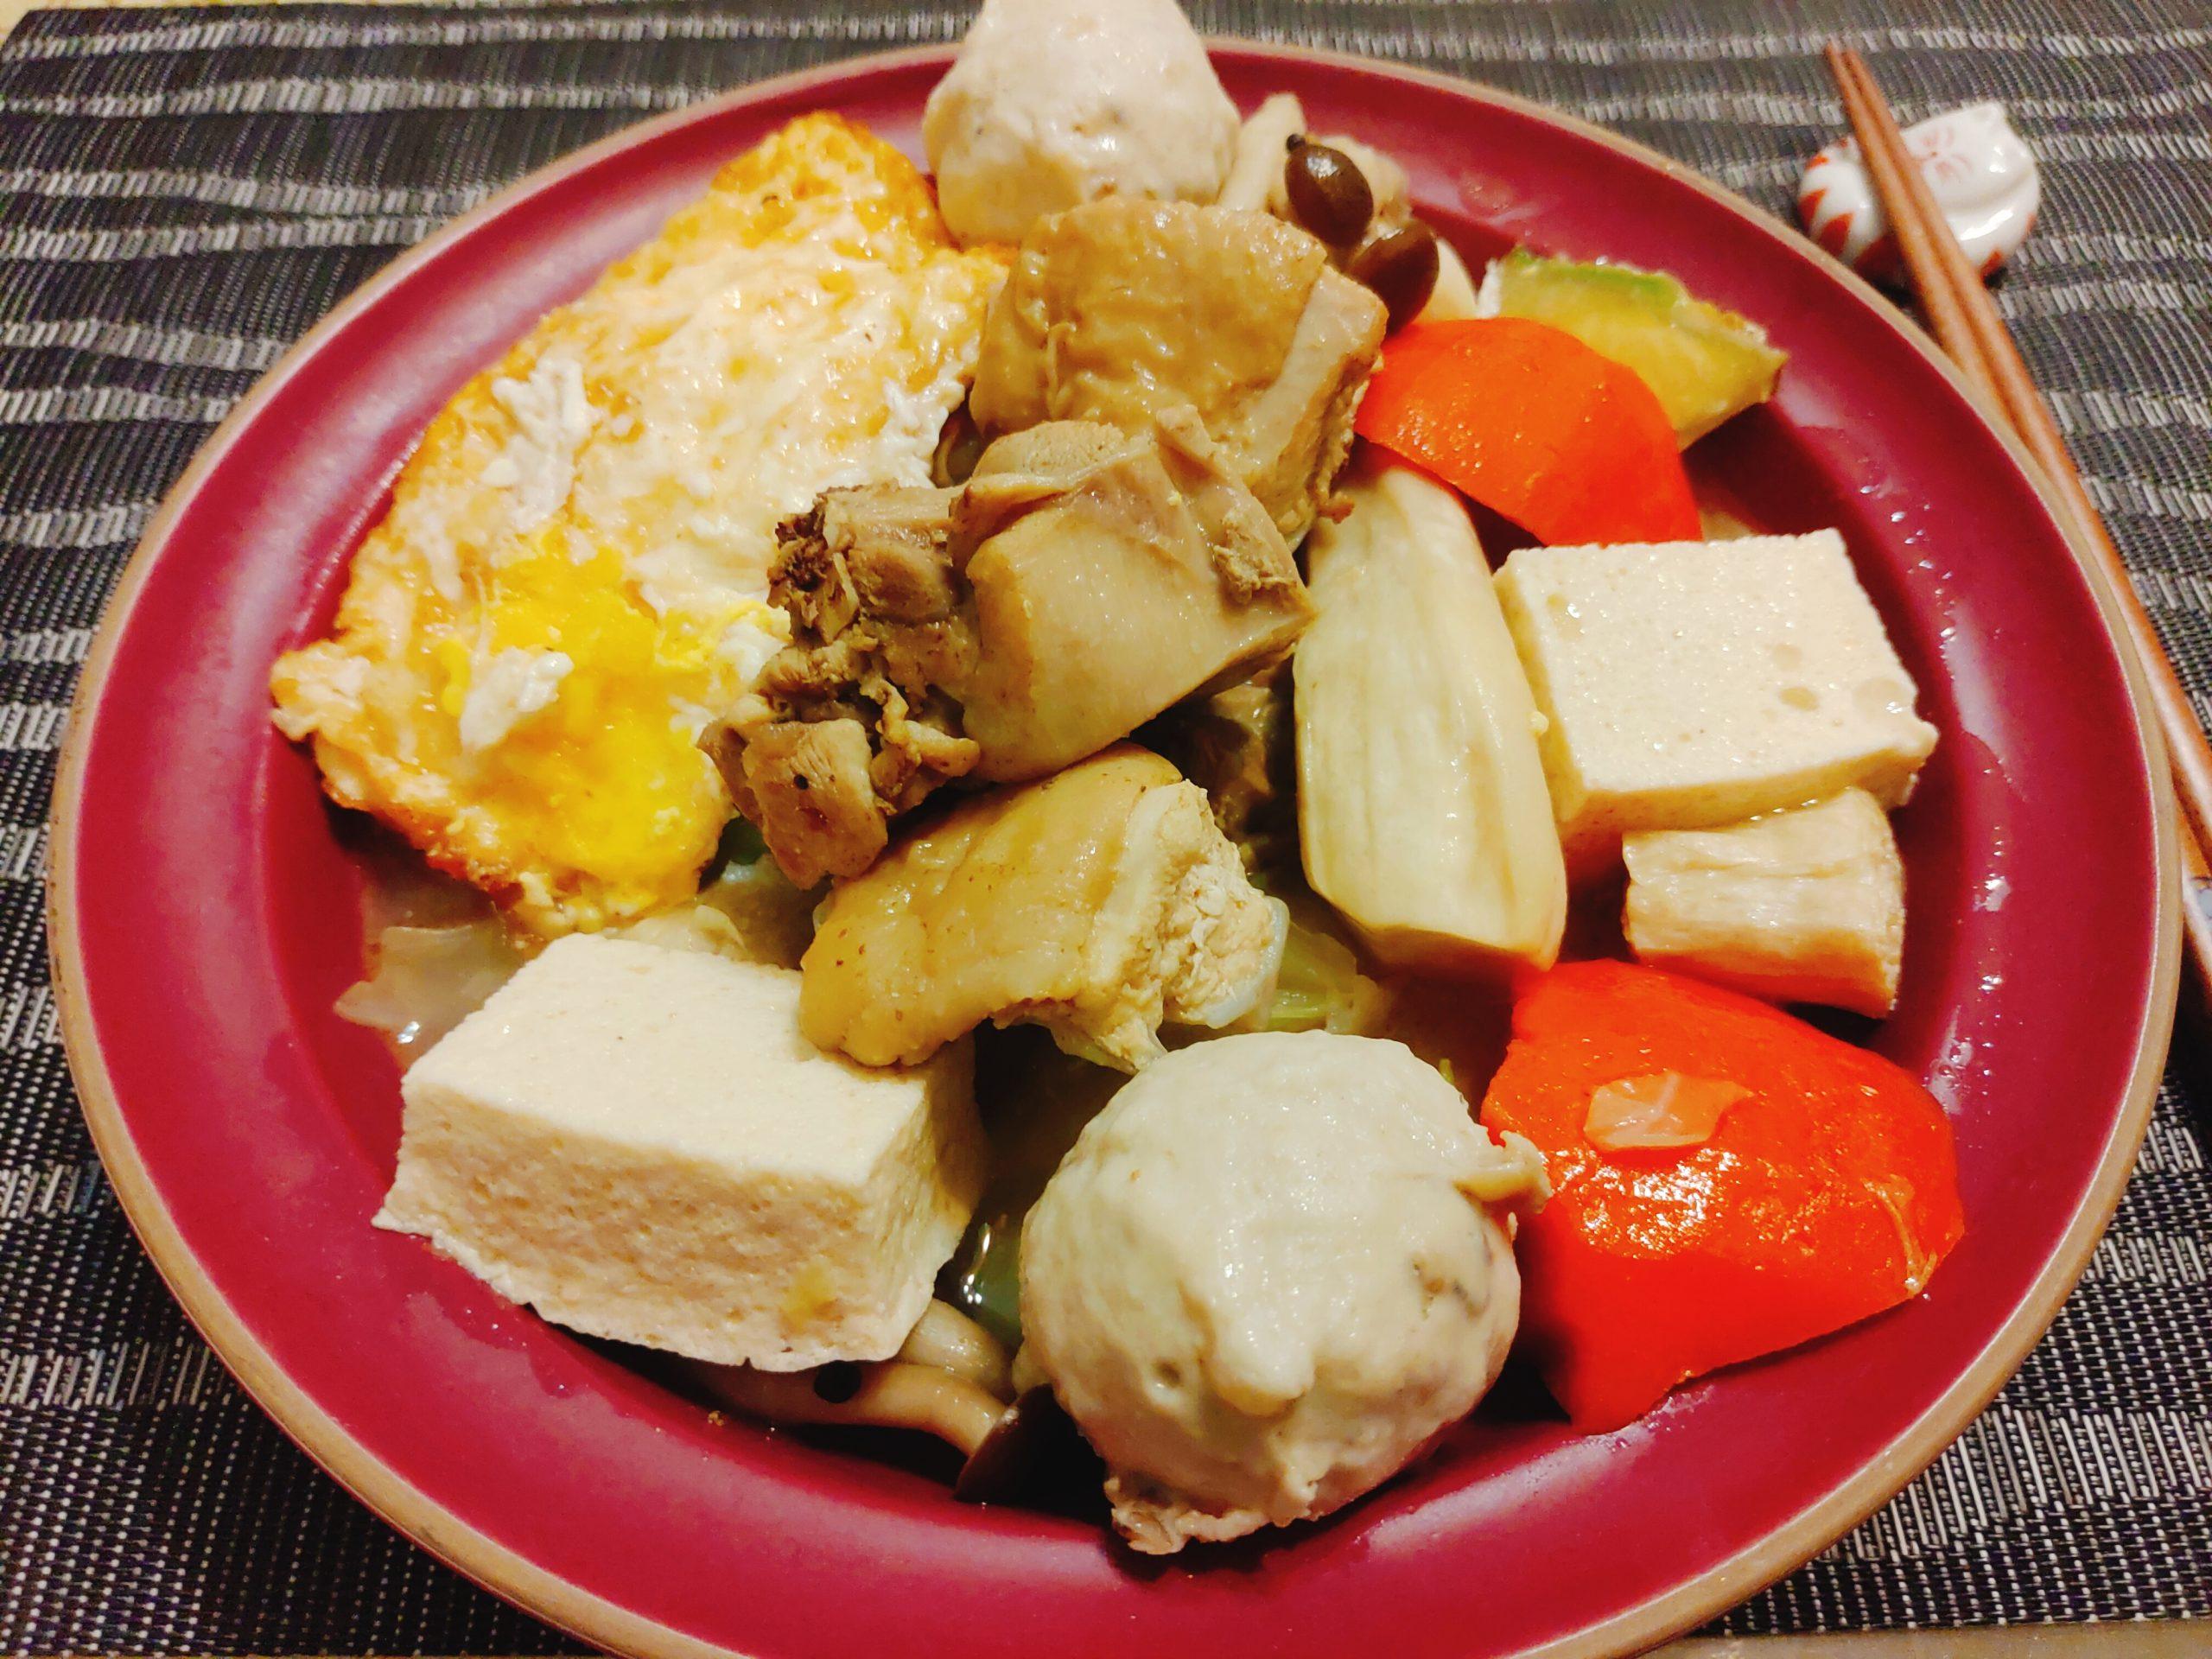 【食譜】麻油雞火鍋|天冷暖心又香又美味,把愛吃的都加進去